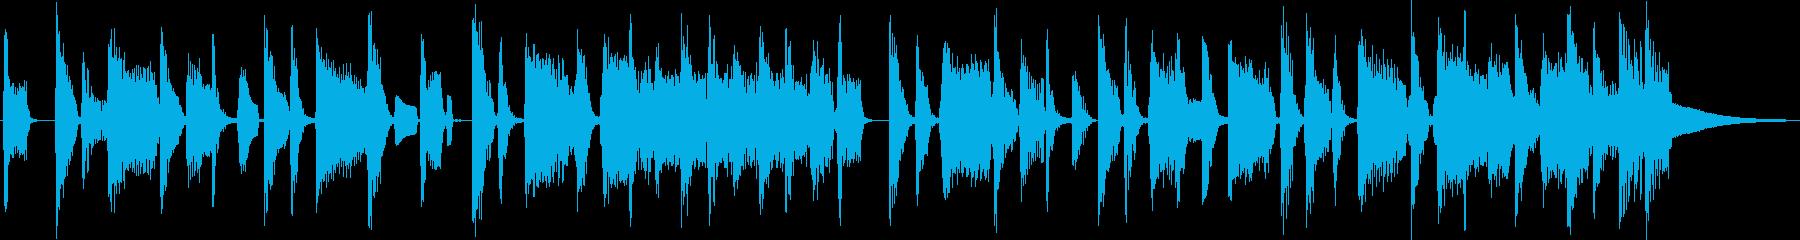 ソウル&ブルース系 ダークな雰囲気の再生済みの波形